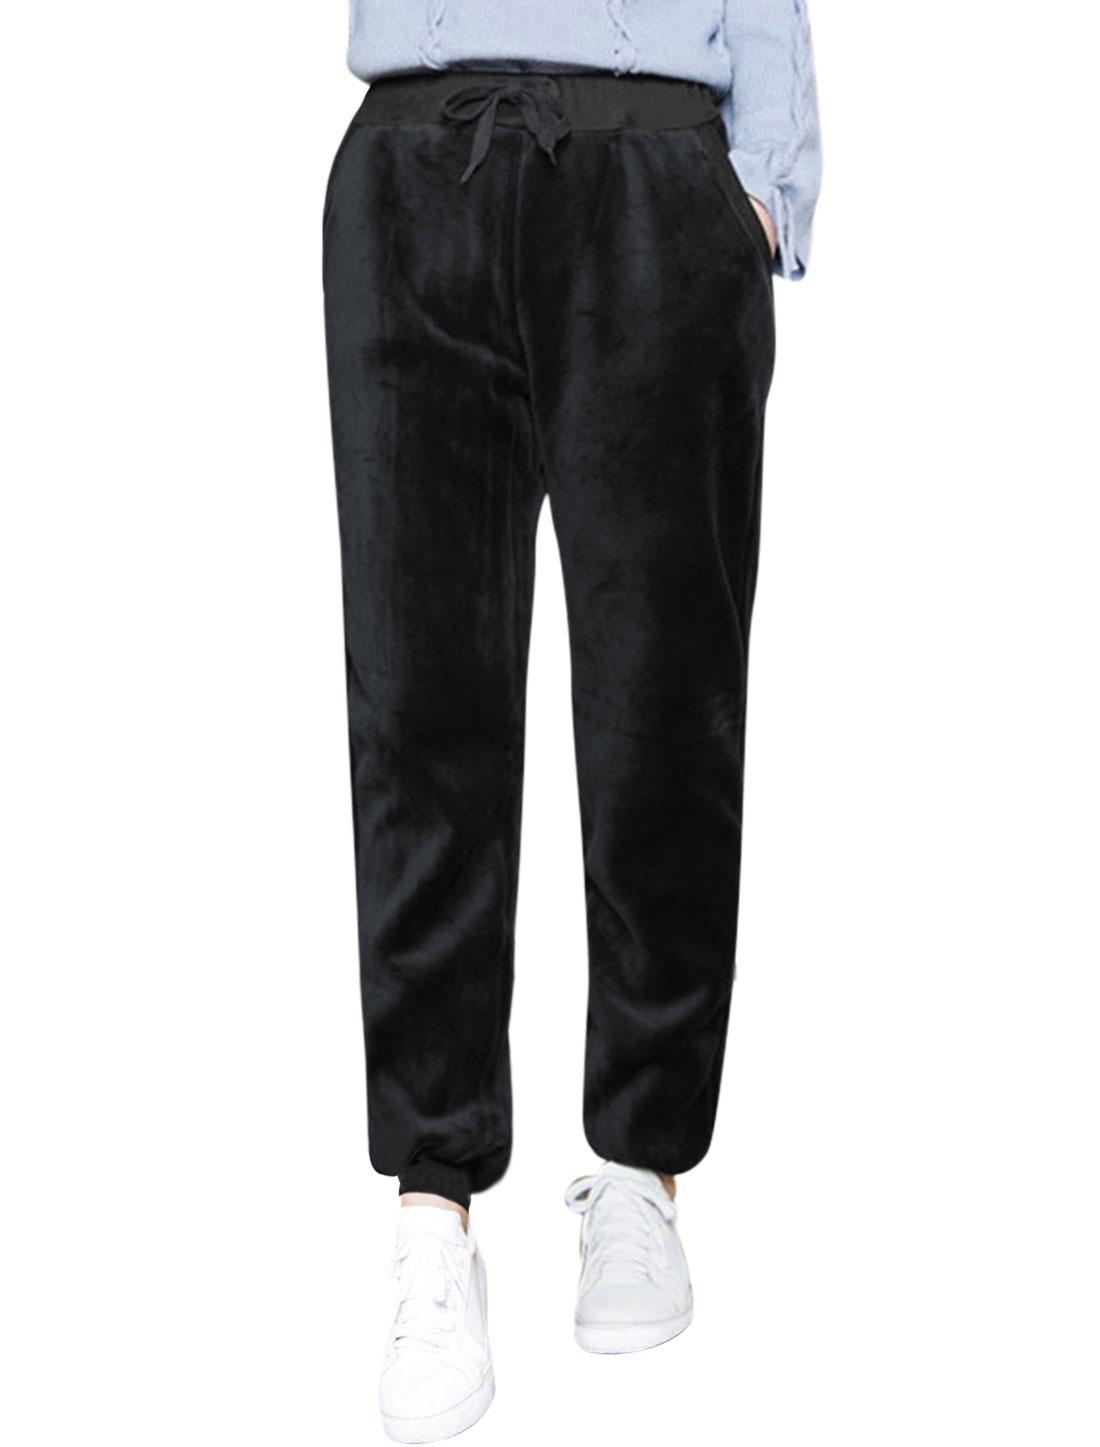 Women Side Pockets Drawstring Waist Velvet Jogger Pants Black XS